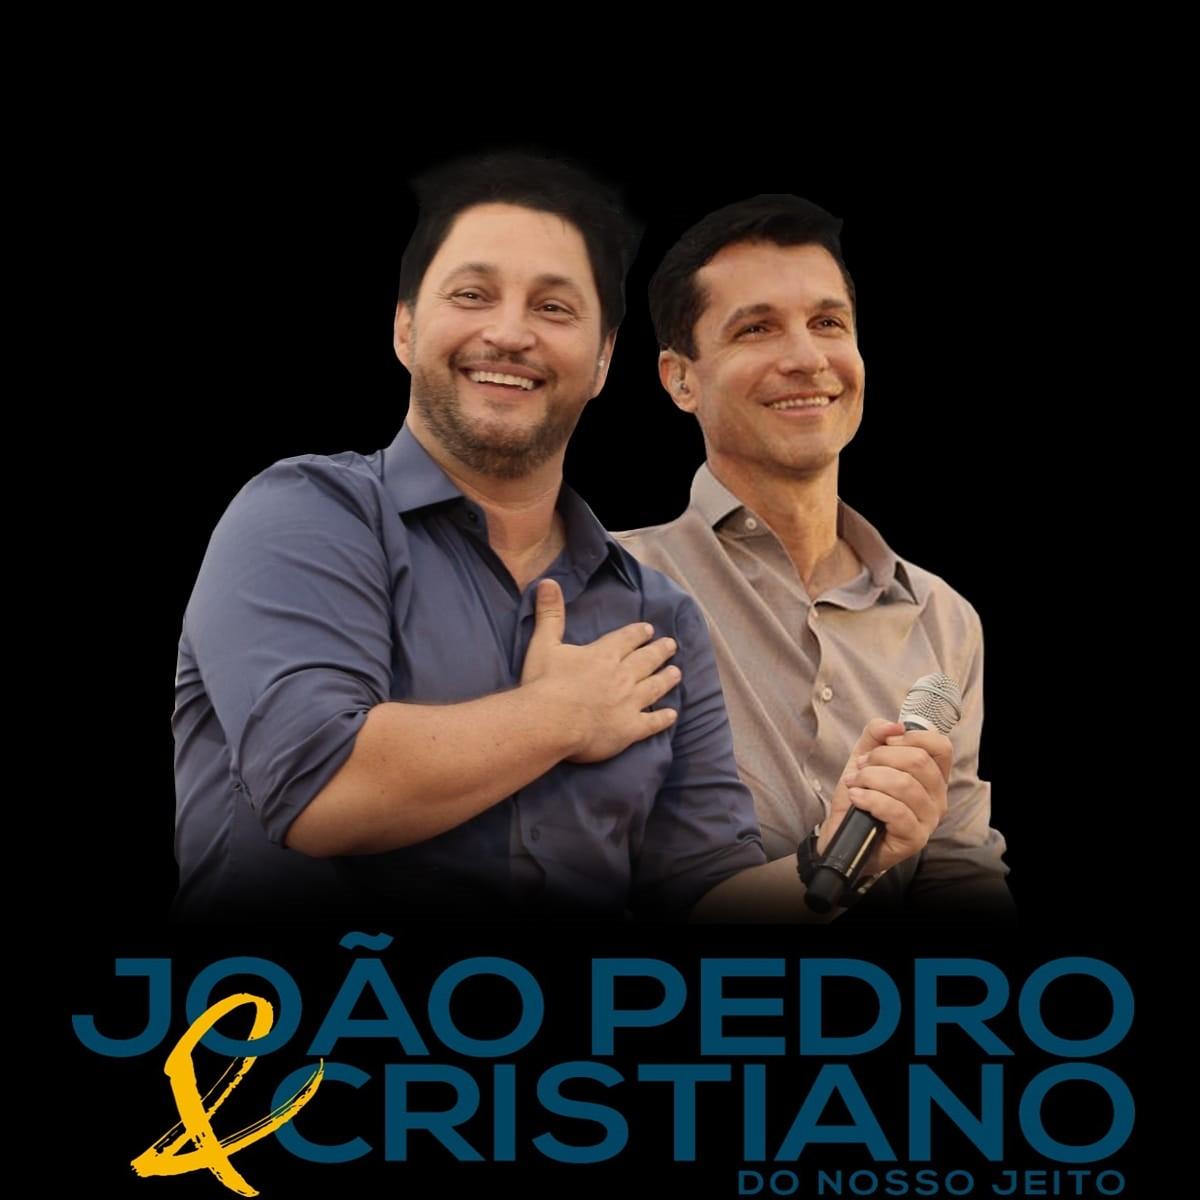 João Pedro & Cristiano